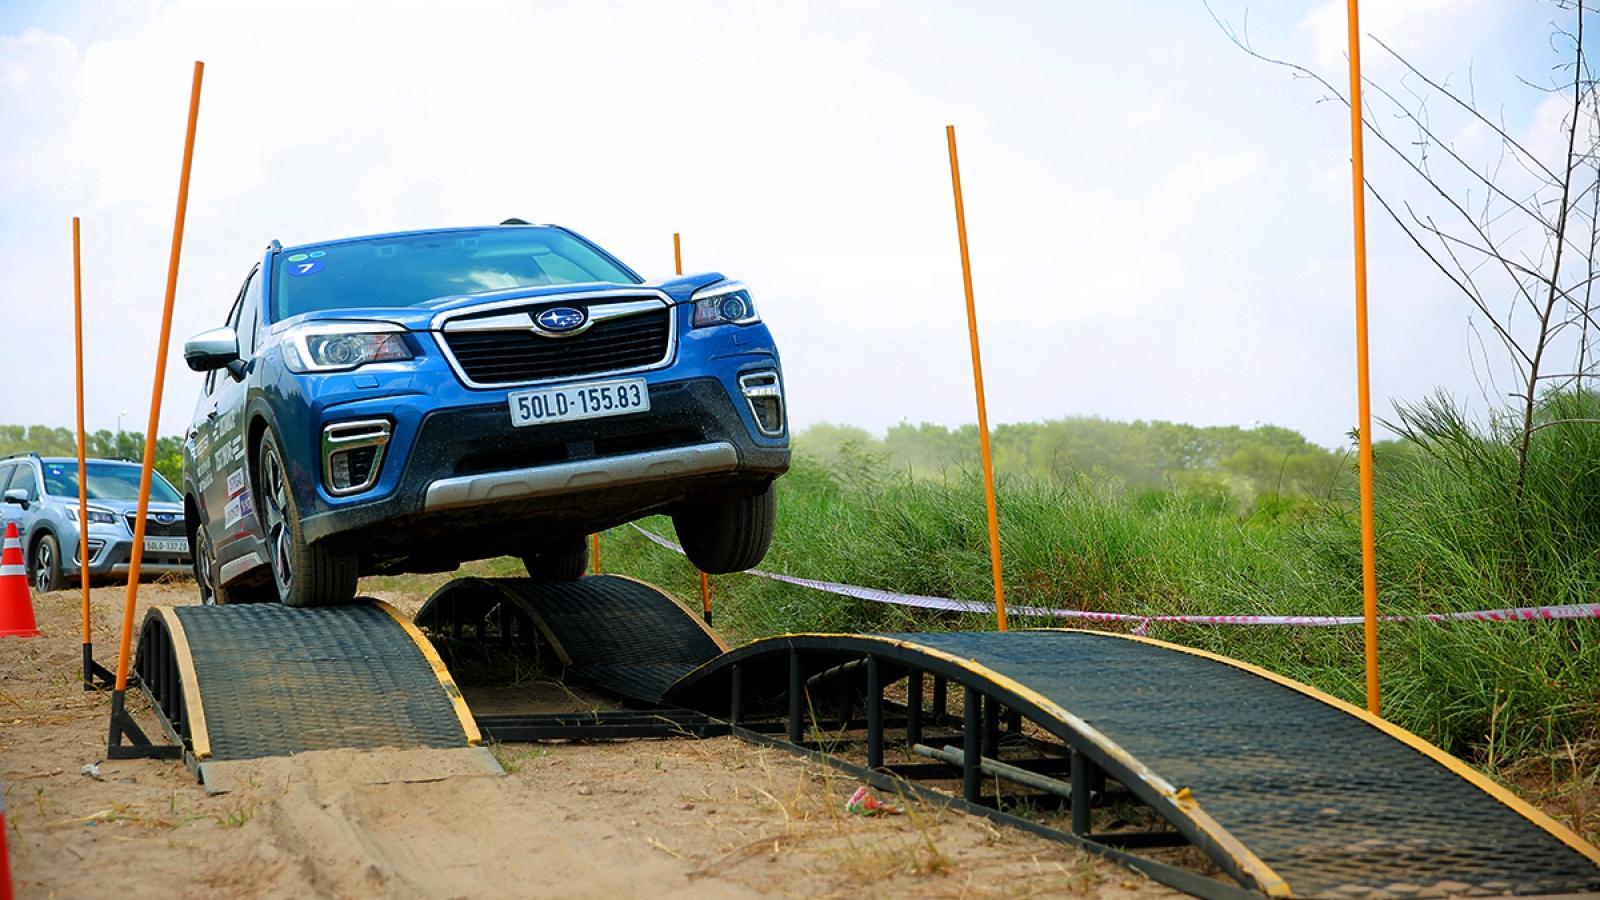 Thử khả năng lội bùn và chịu vặn xoắn của Subaru Forester